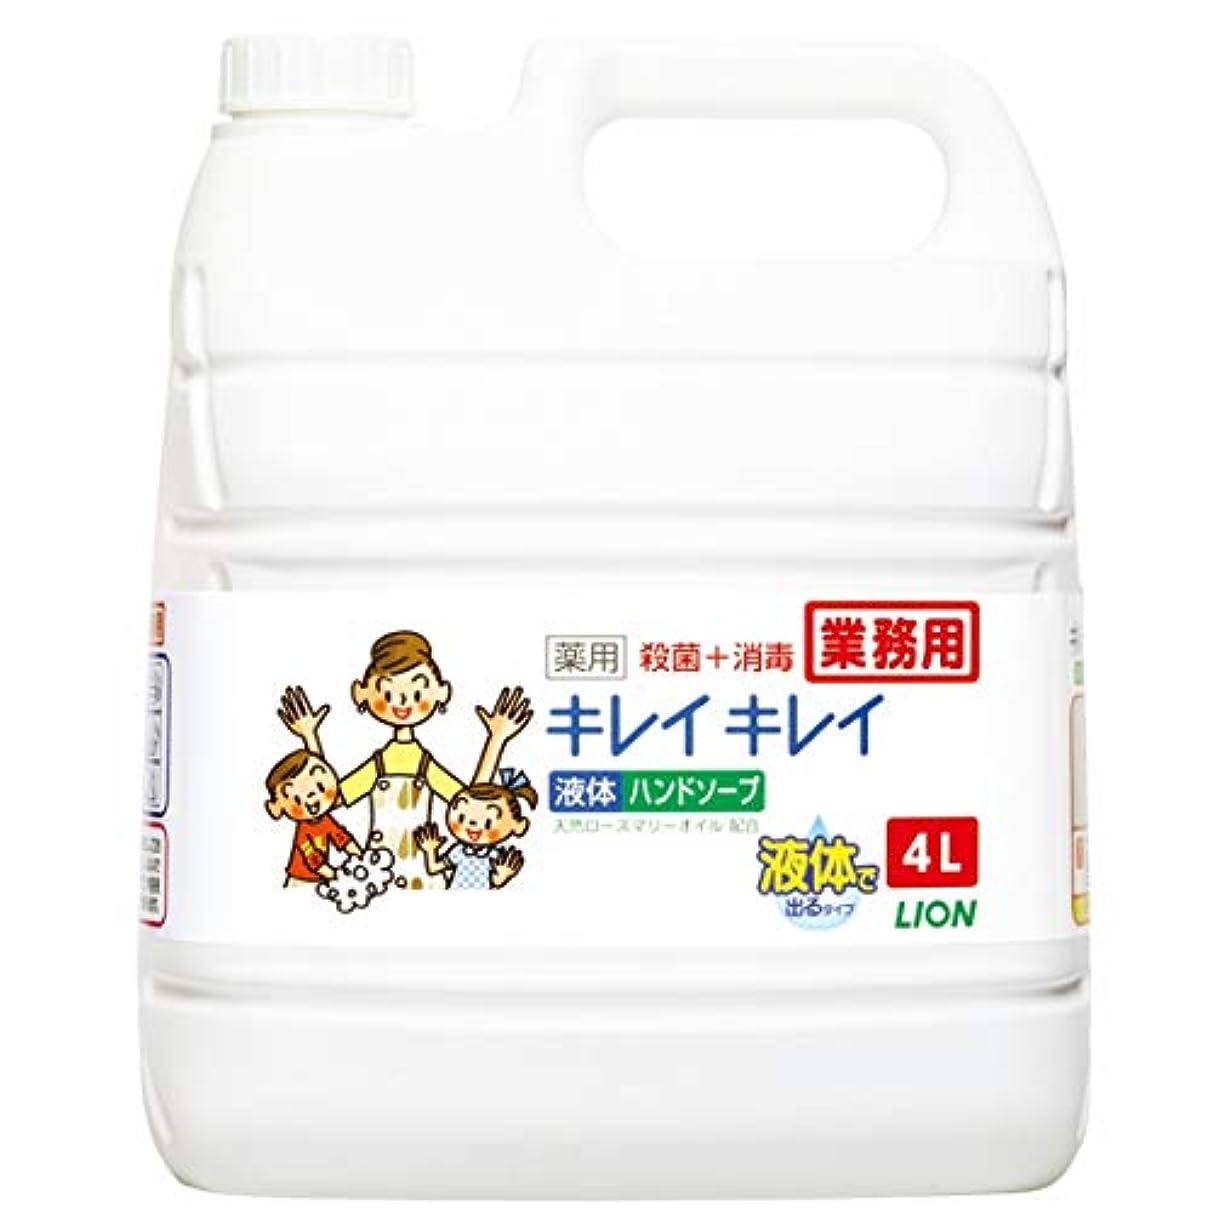 不誠実散文ニンニク【業務用 大容量】キレイキレイ 薬用 ハンドソープ  4L(医薬部外品)